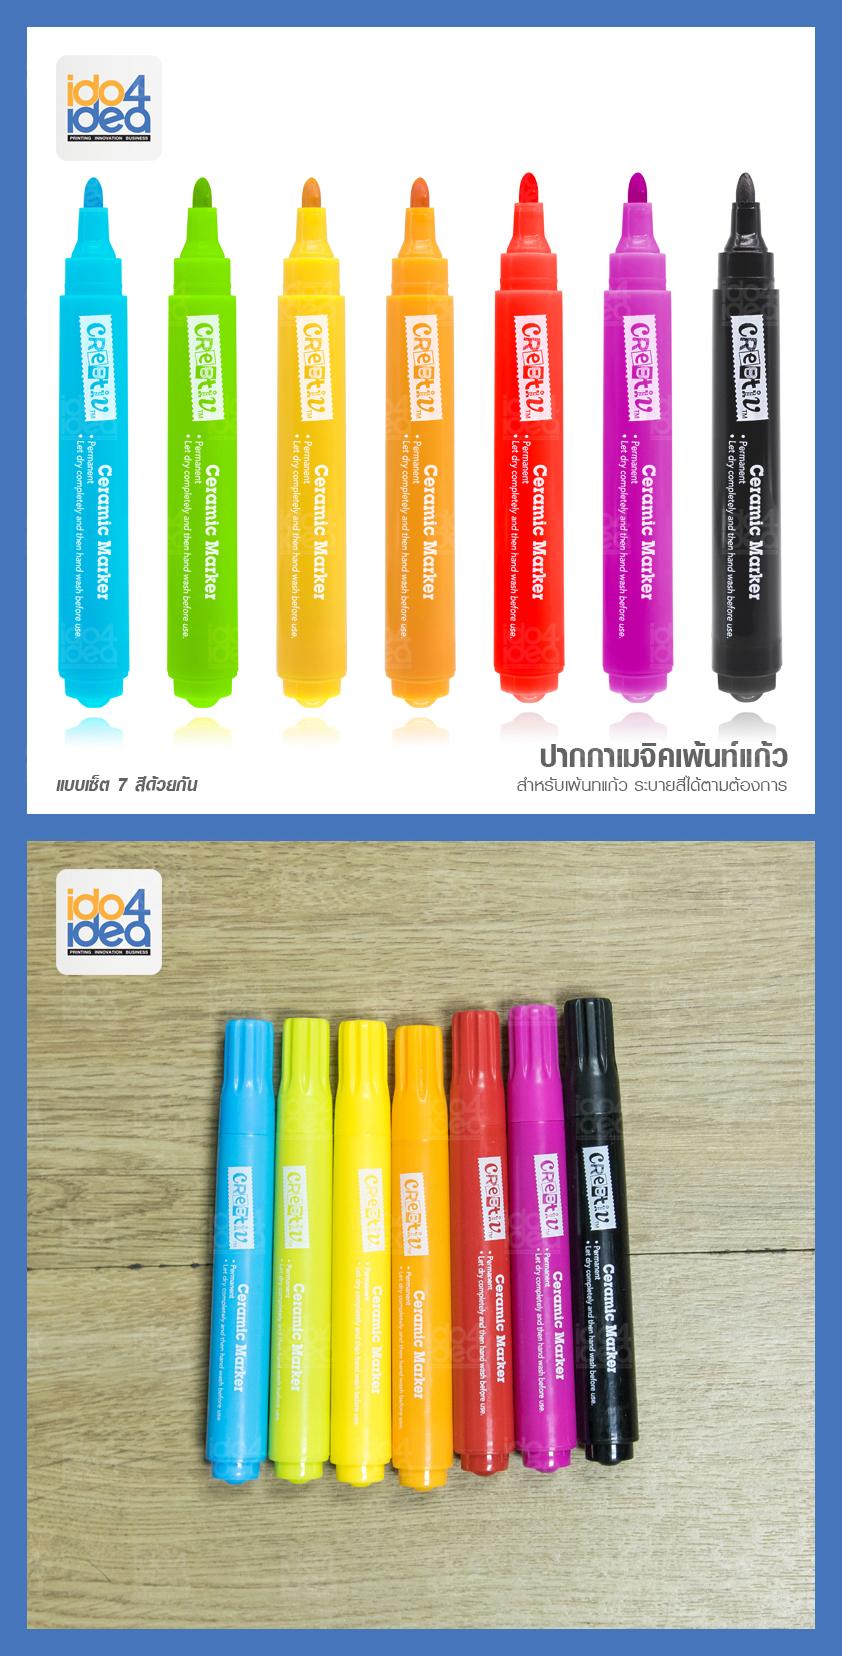 ปากกาเมจิคเพ้นท์แก้ว แบบเซ็ต 7 สี